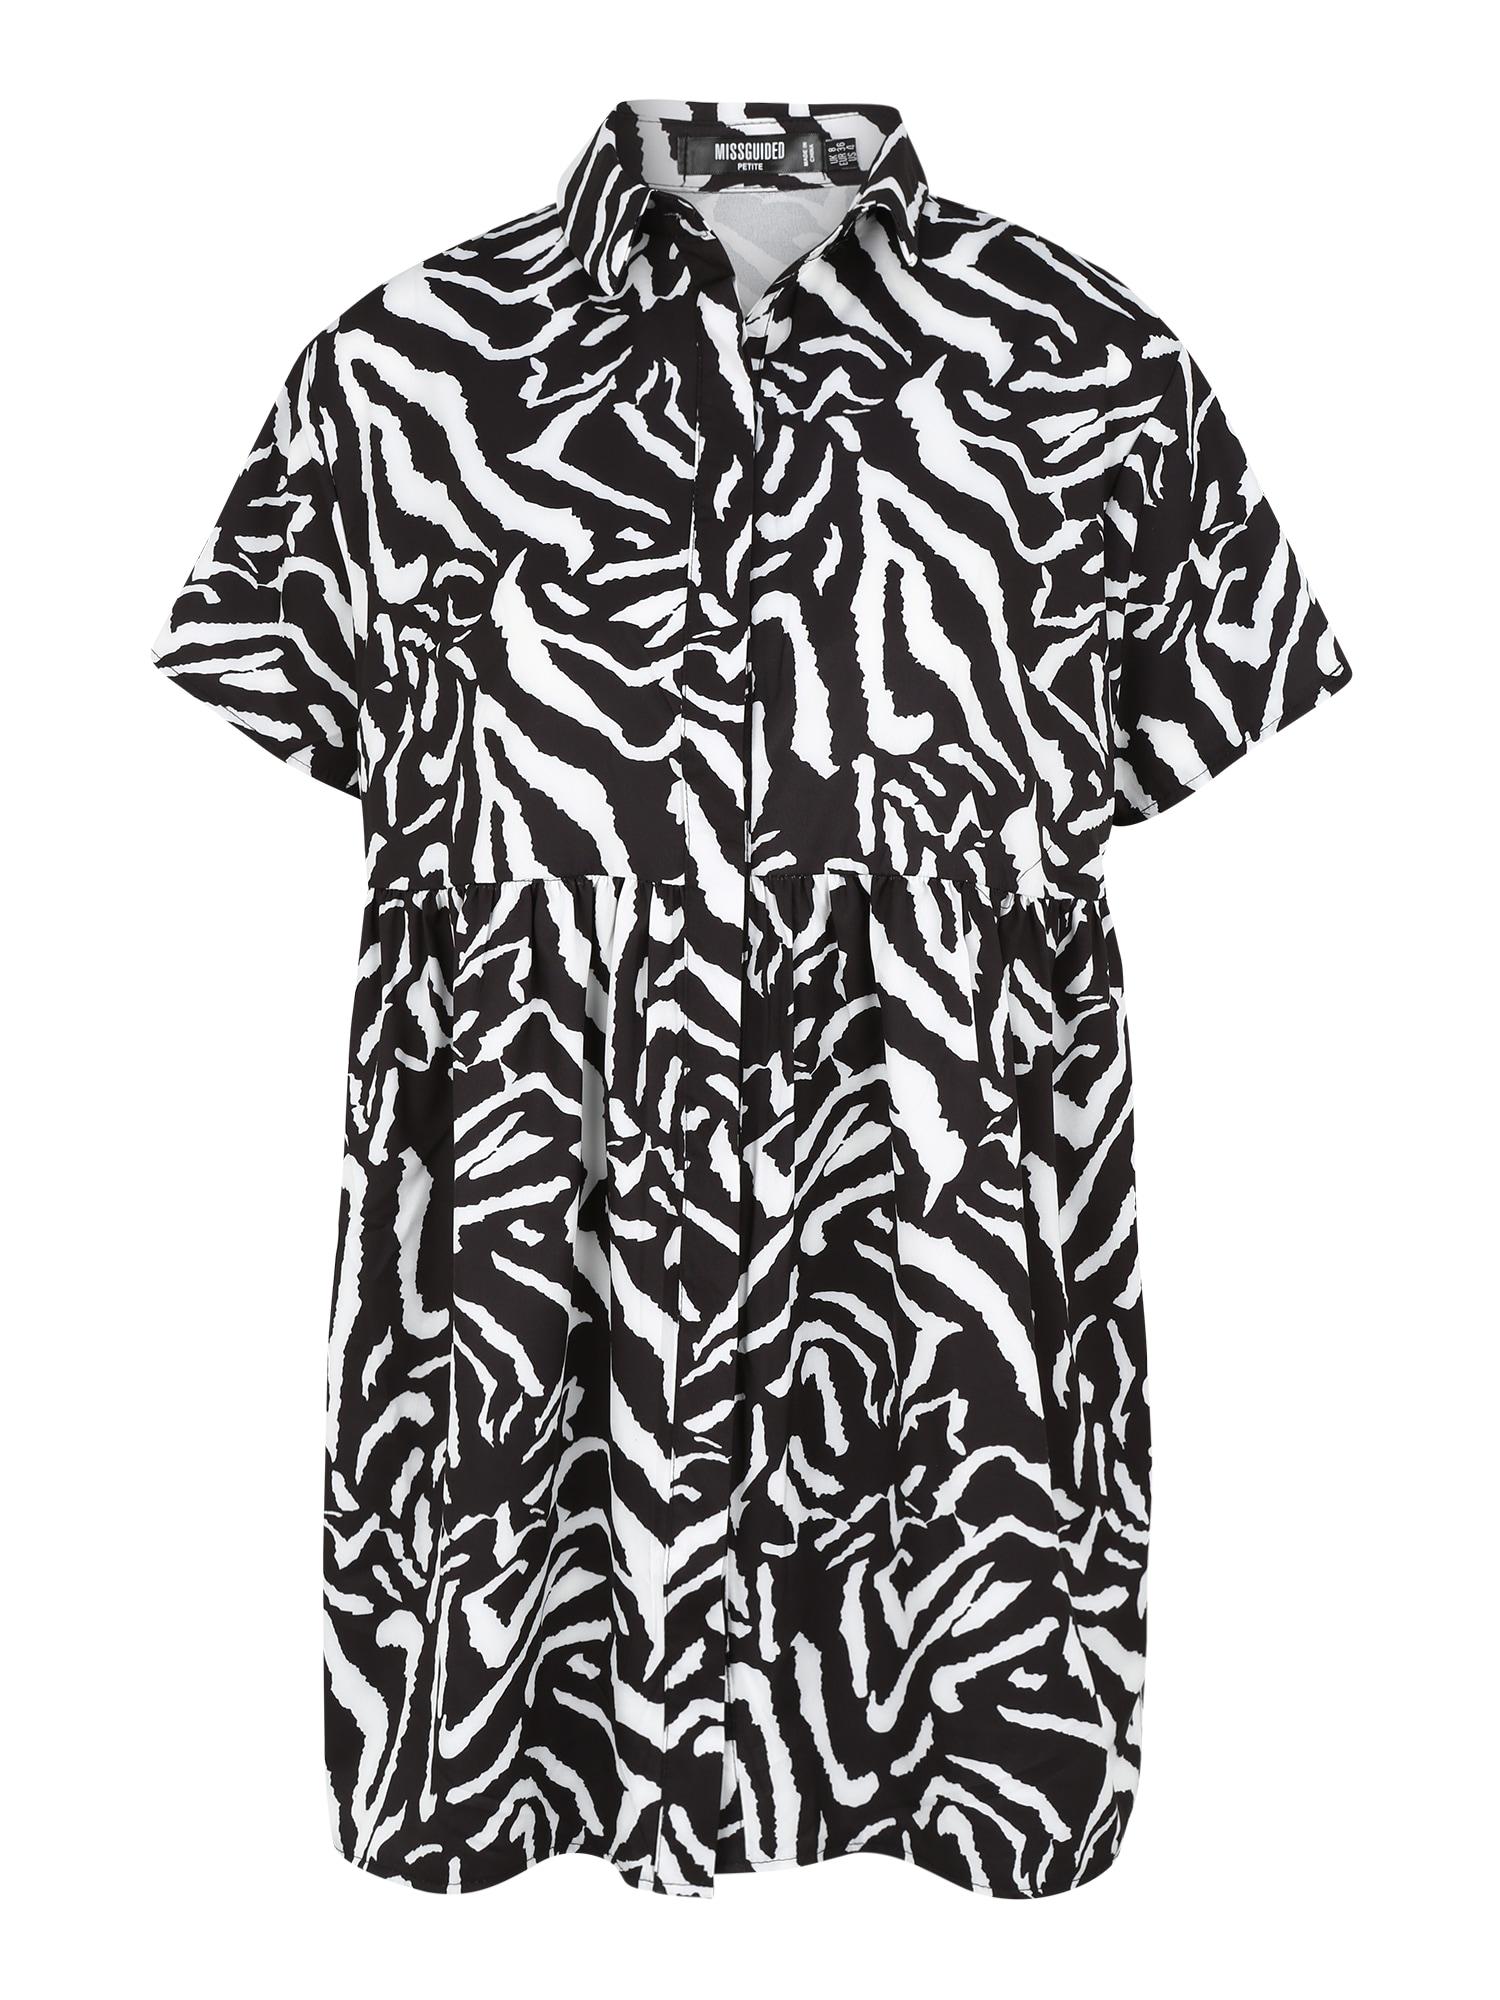 Missguided (Petite) Palaidinės tipo suknelė juoda / balta